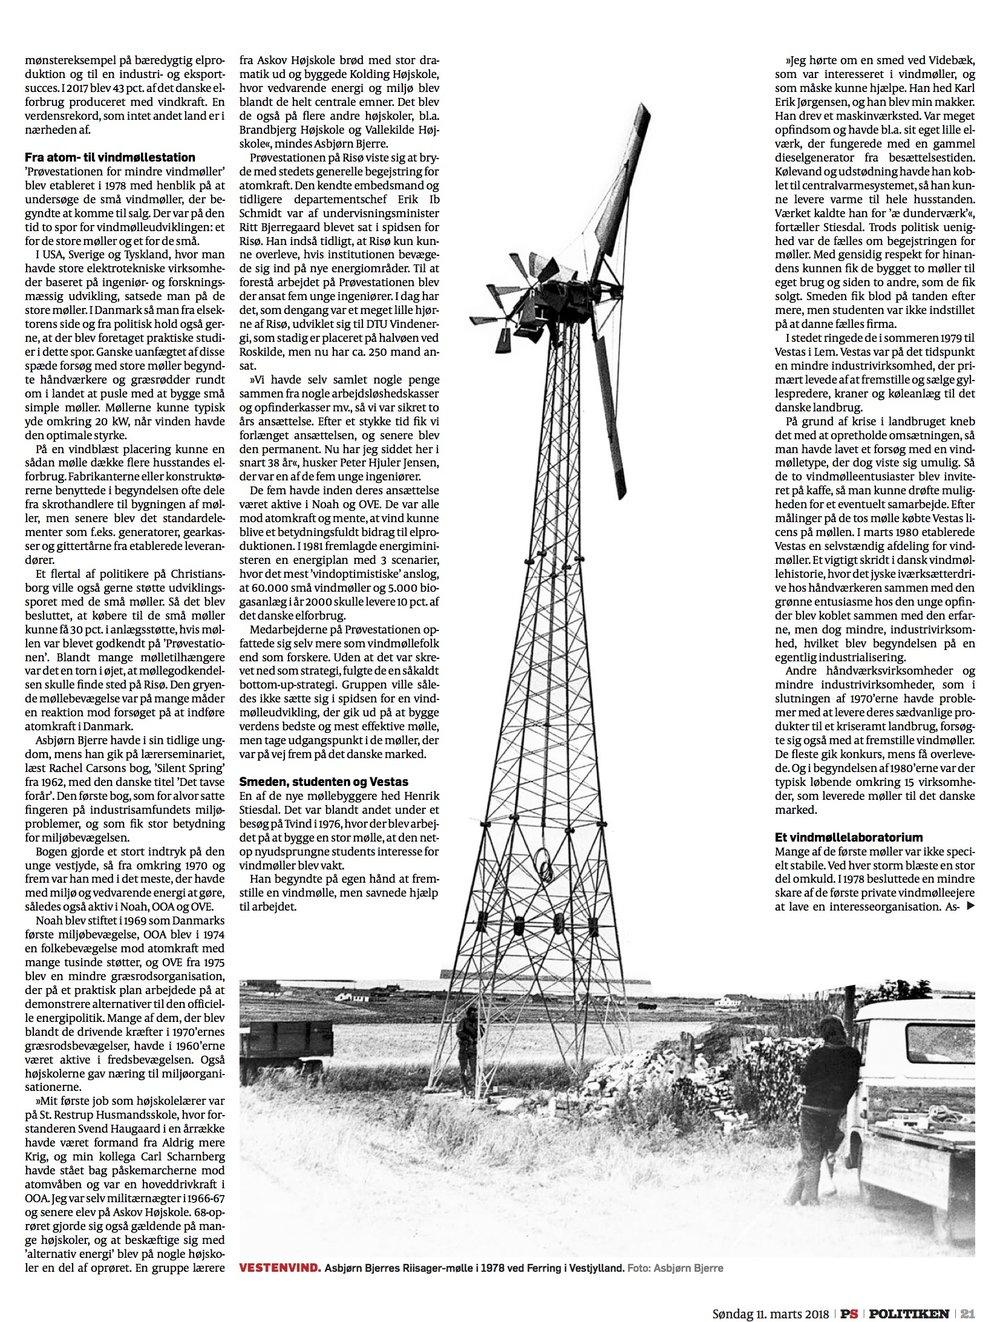 Da Danmark fik vindmøller - Politikken 10.marts2.jpg